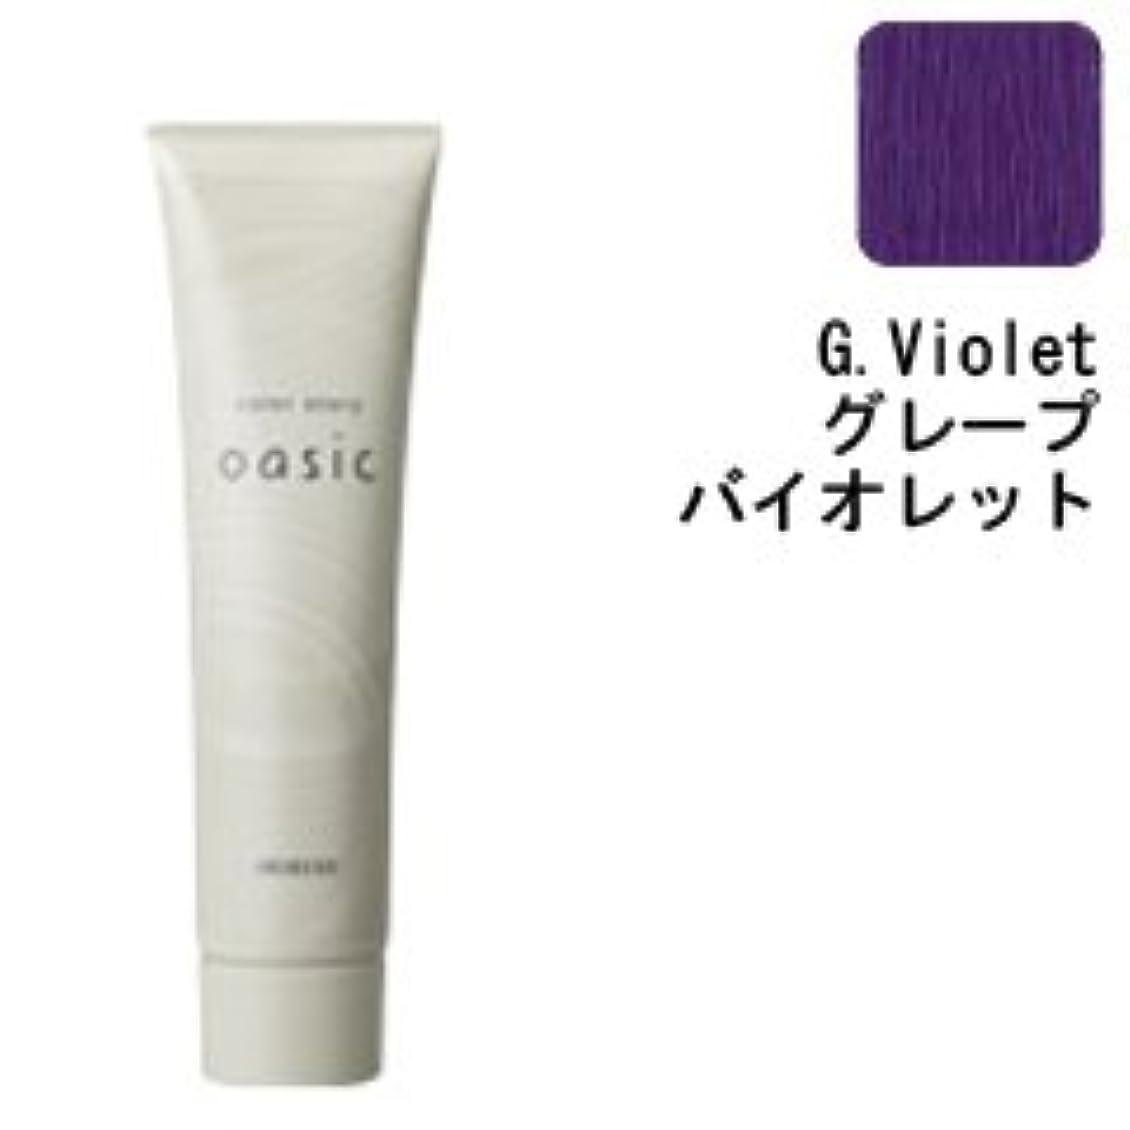 サバント論文役員【アリミノ】カラーストーリー オアシック G.Violet (グレープバイオレット) 150g